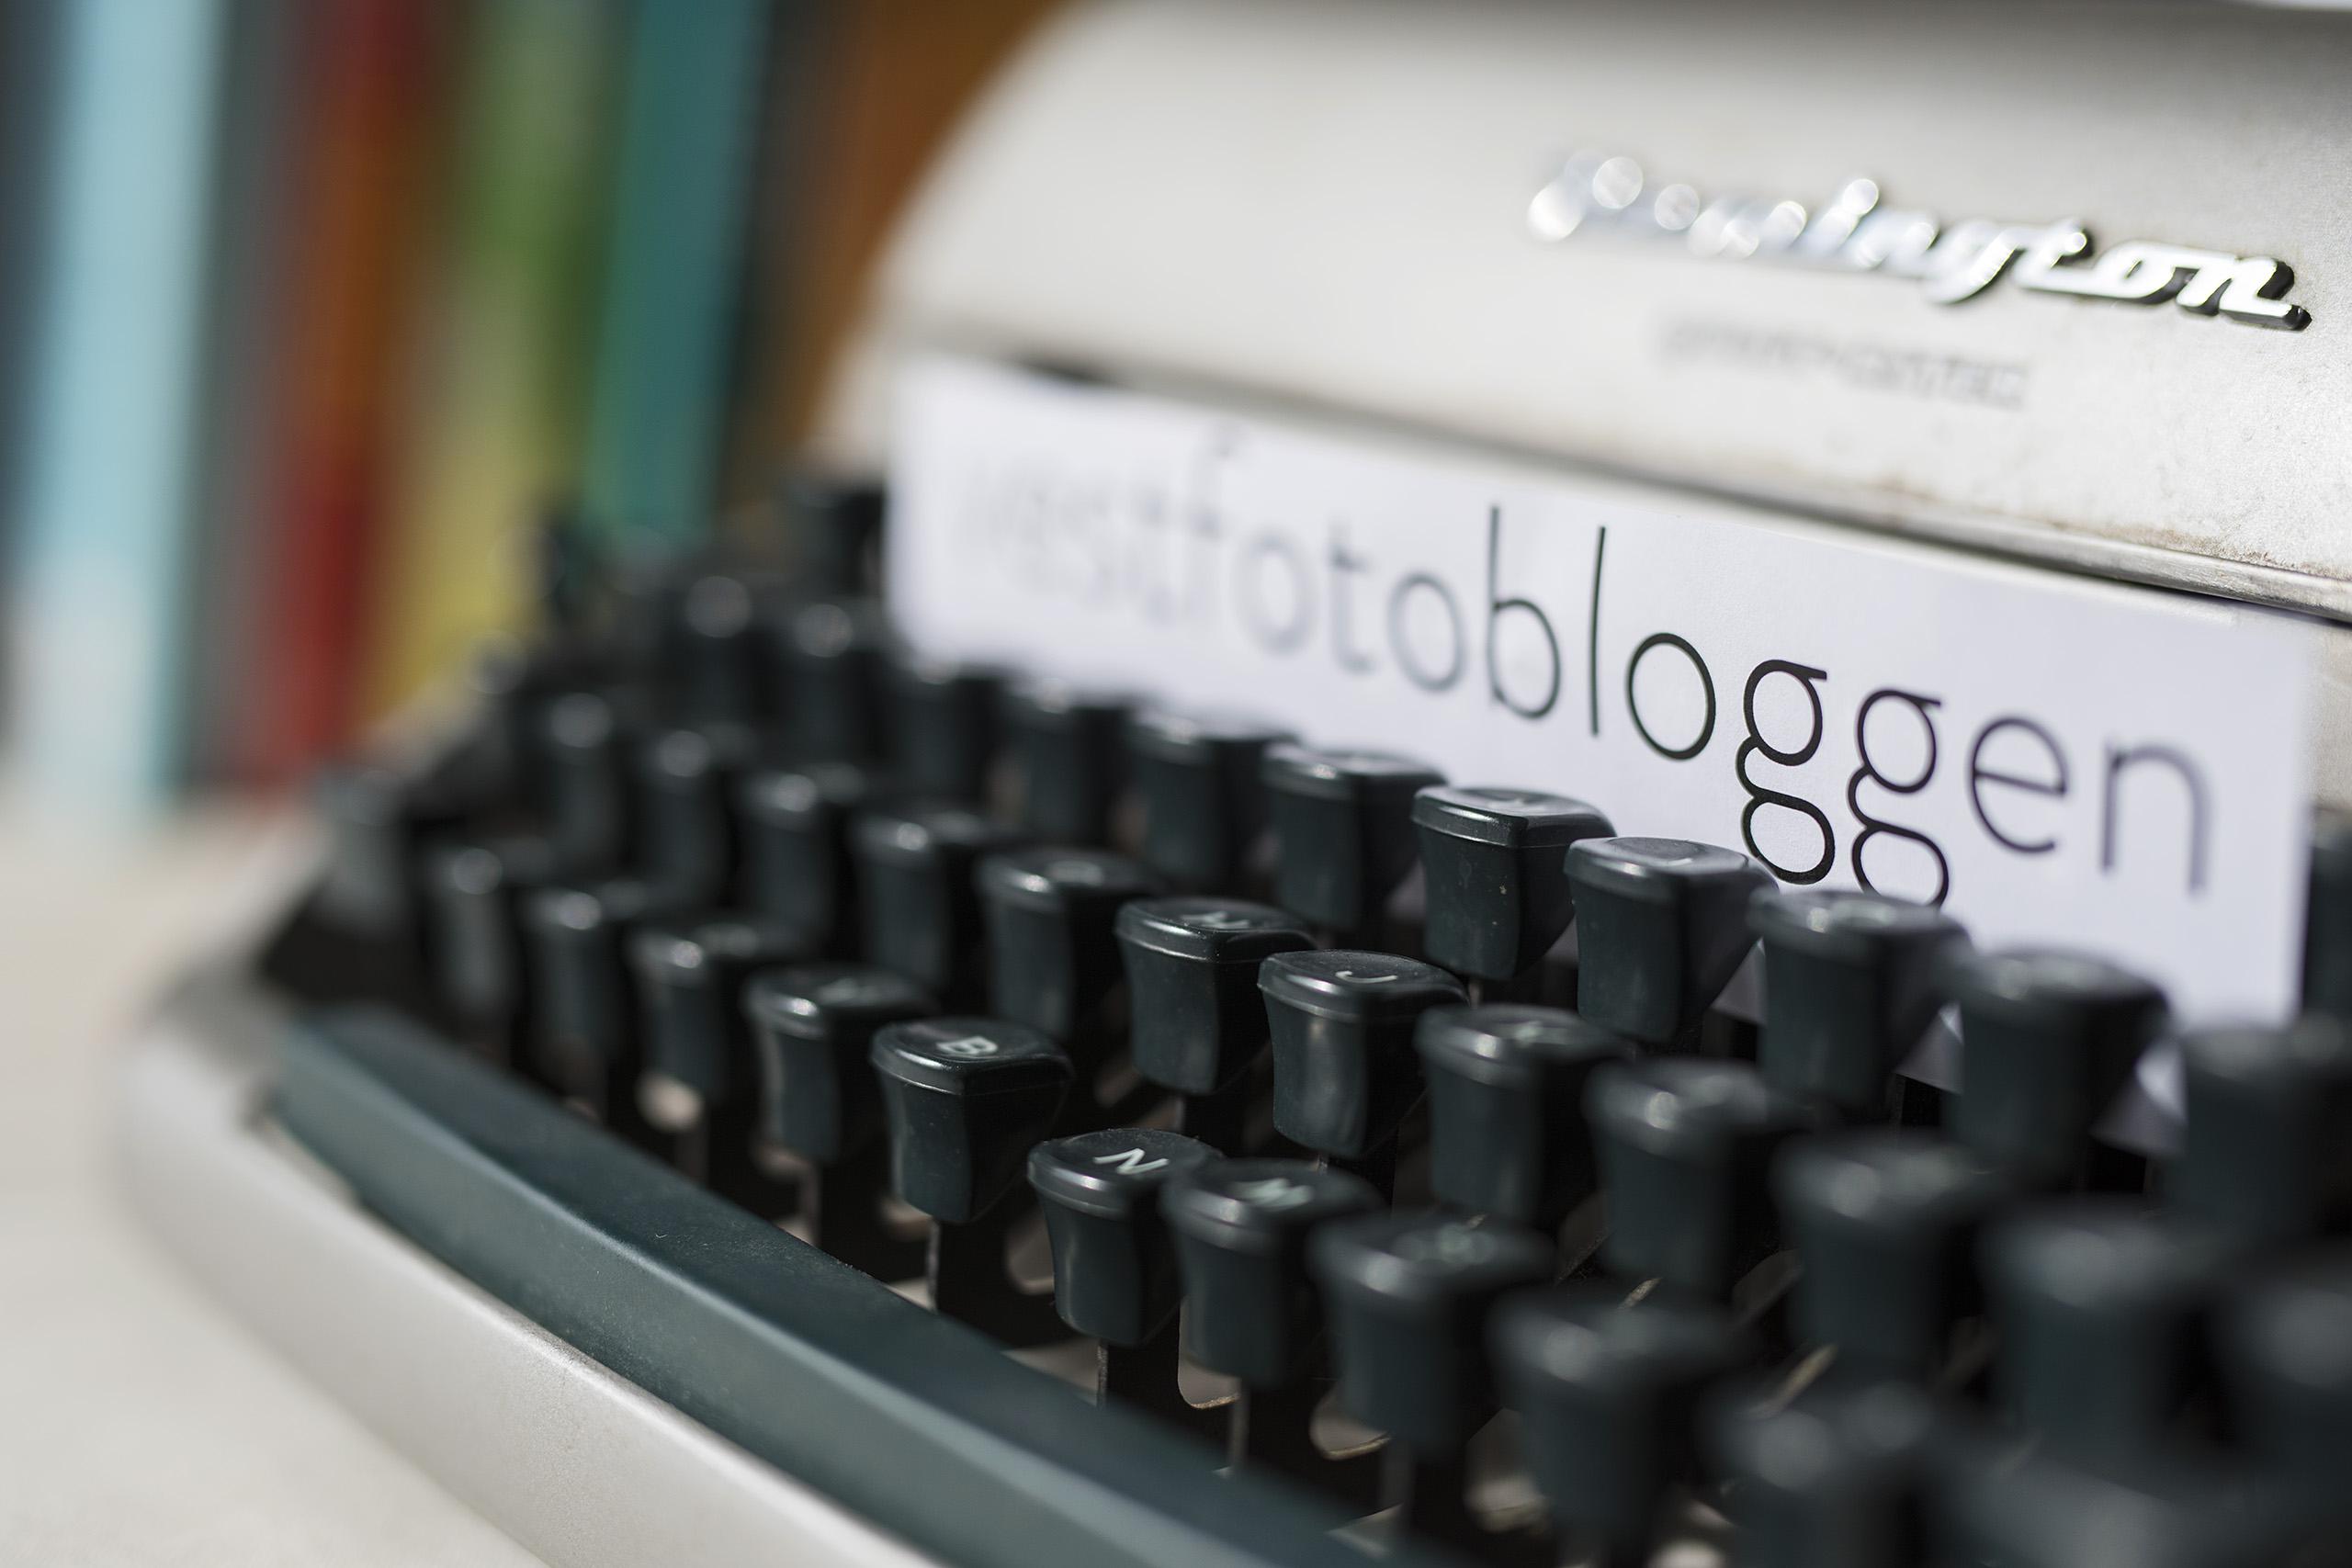 Vi stuper ut i bloggens verden